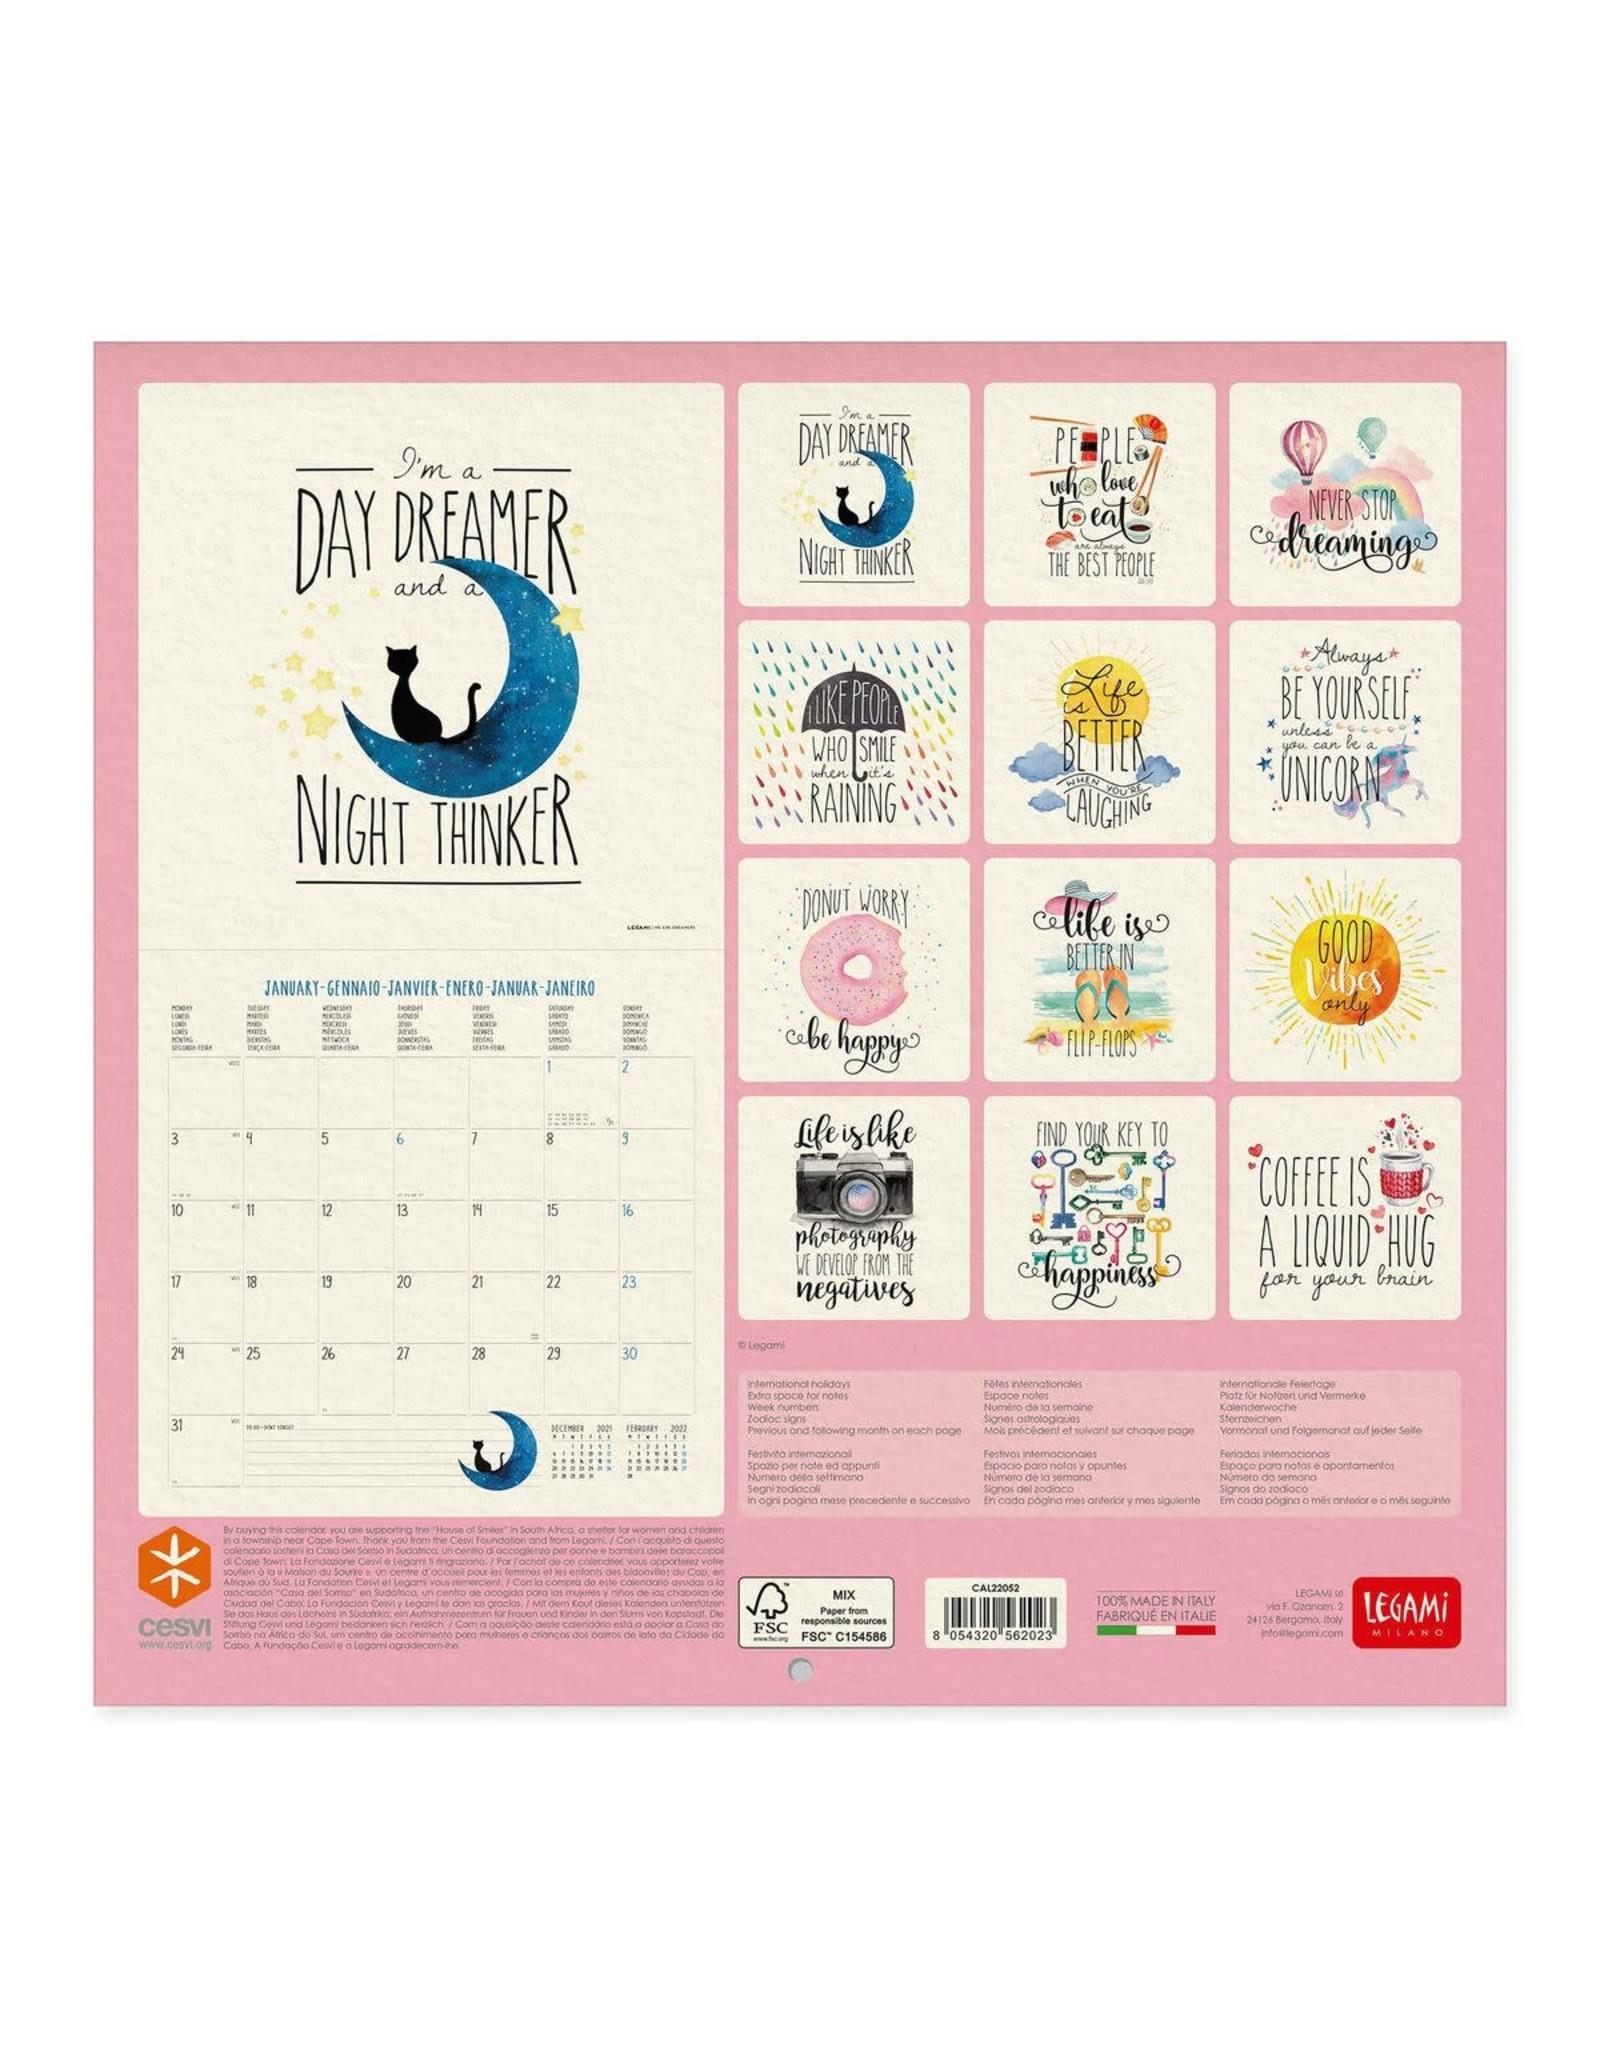 calendar 2022 with inspiring aphorisms